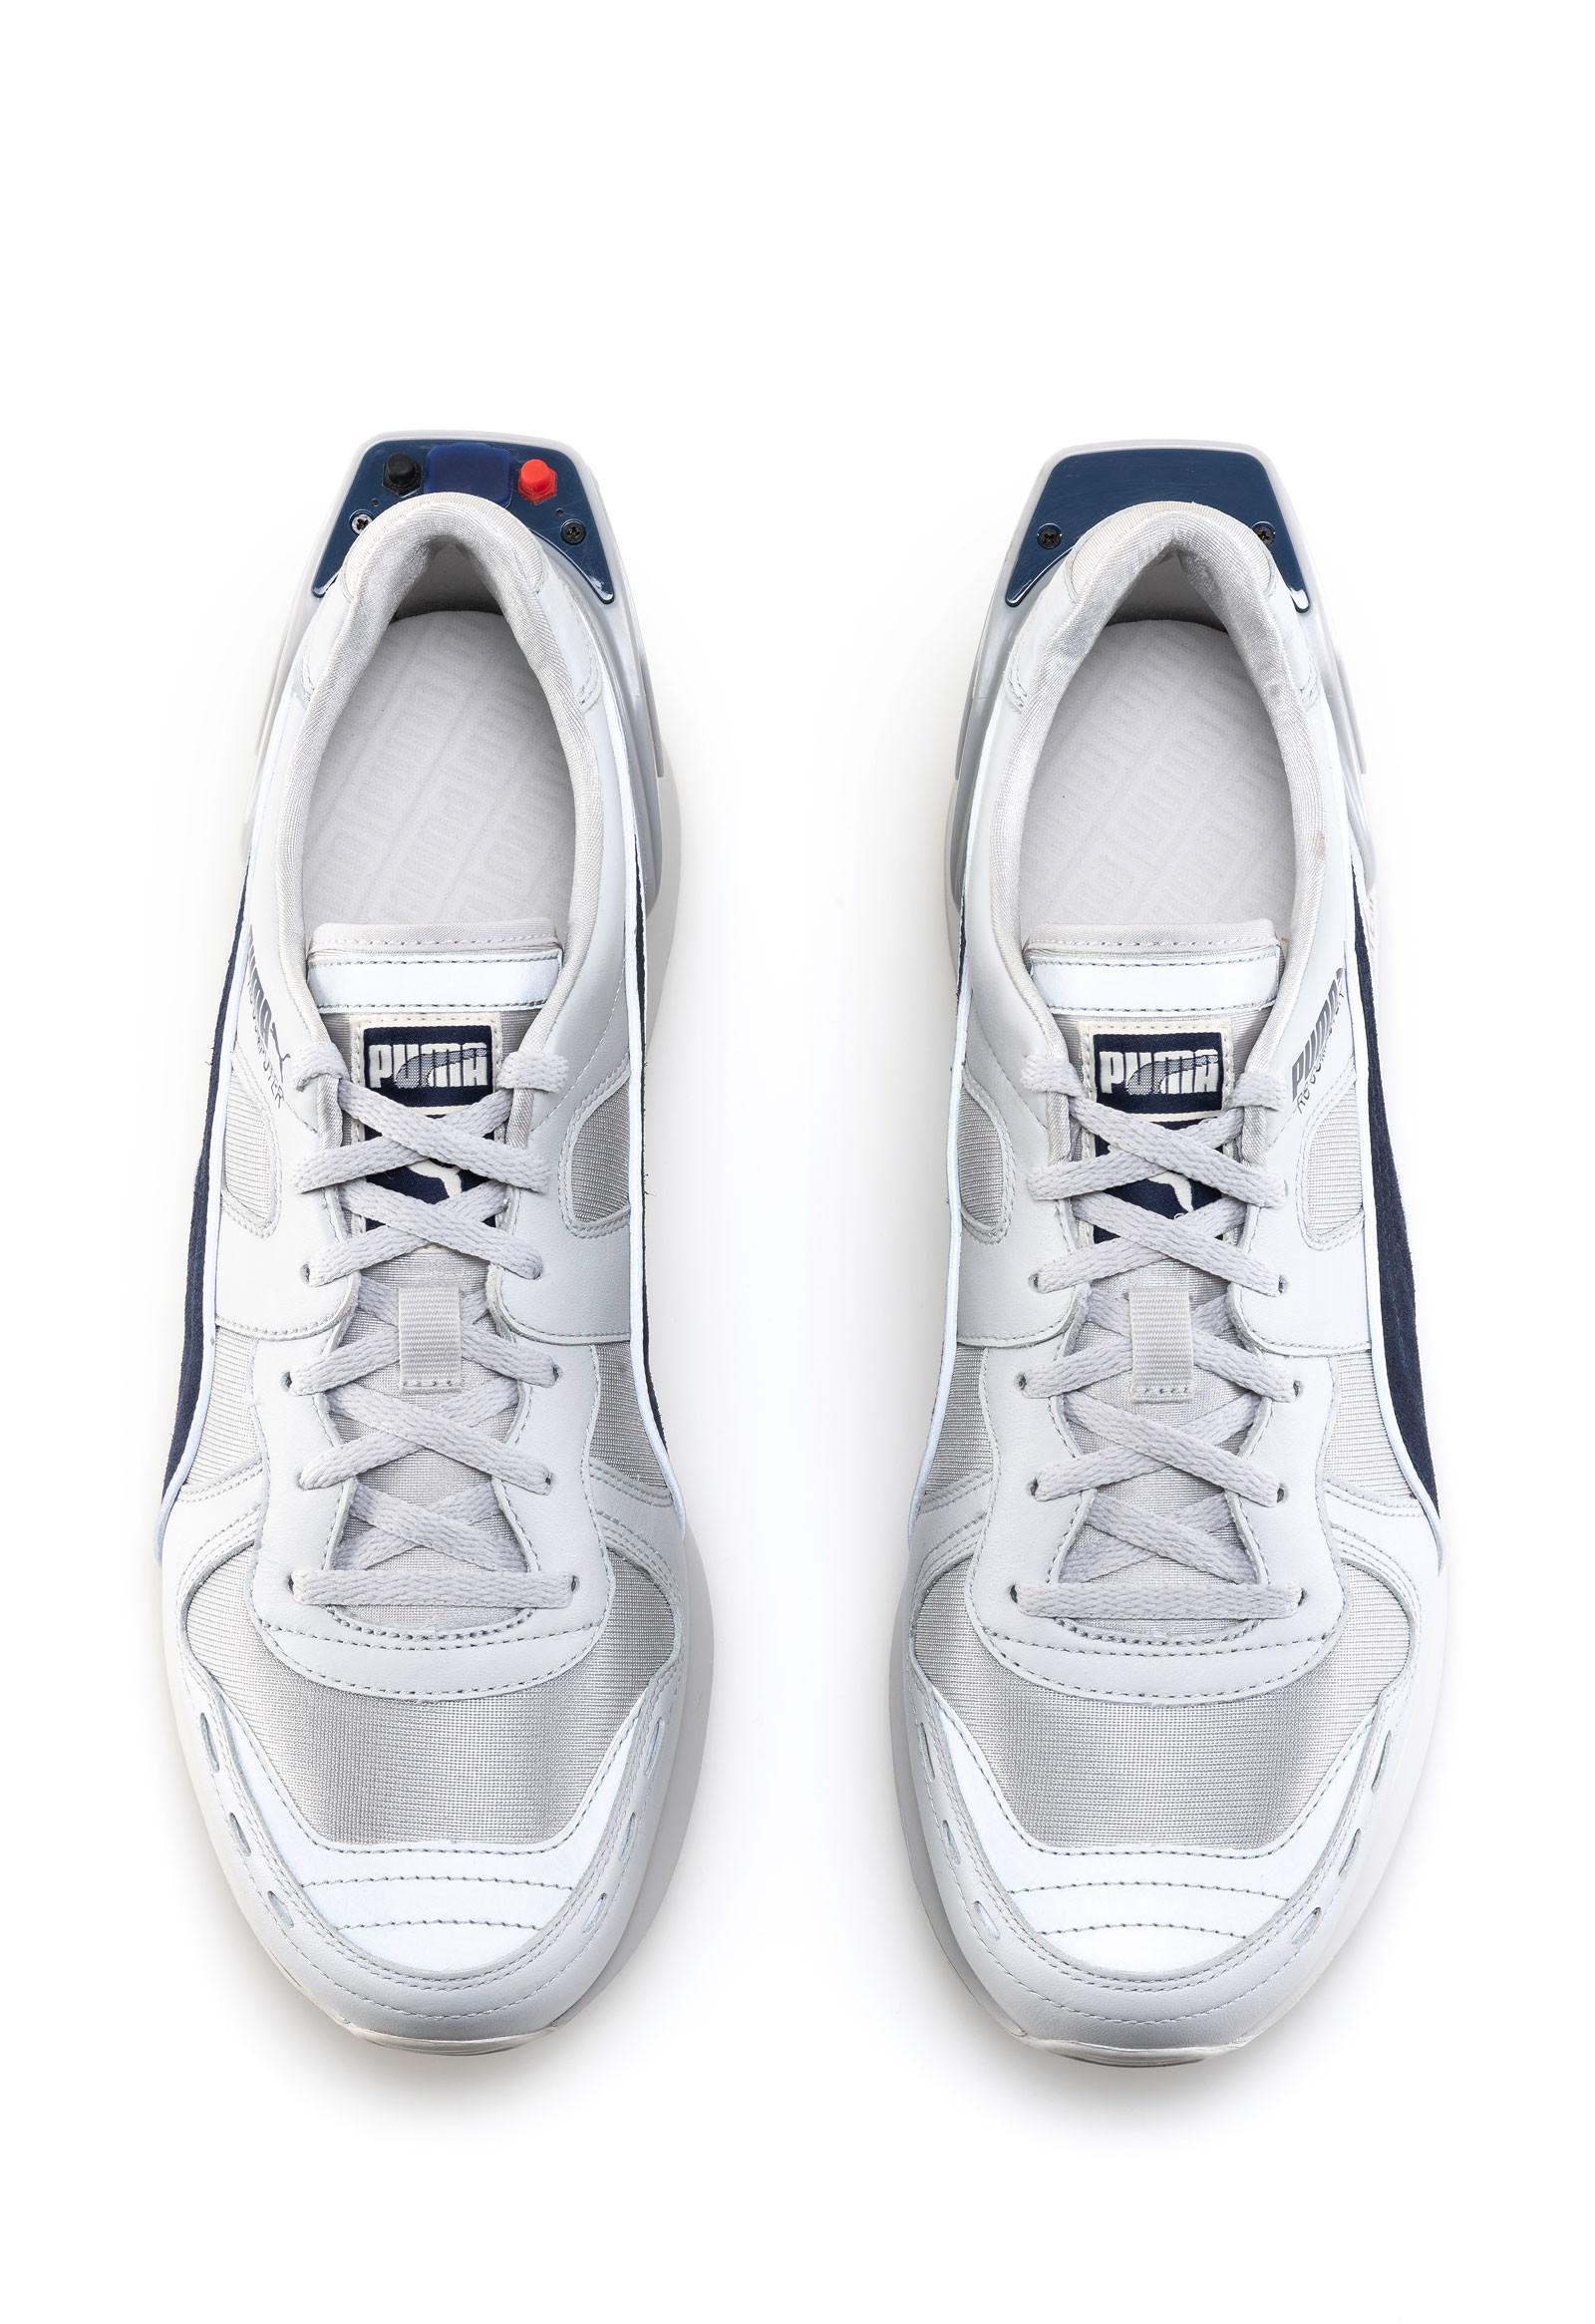 Foto de Puma RS Computer Shoes (3/15)